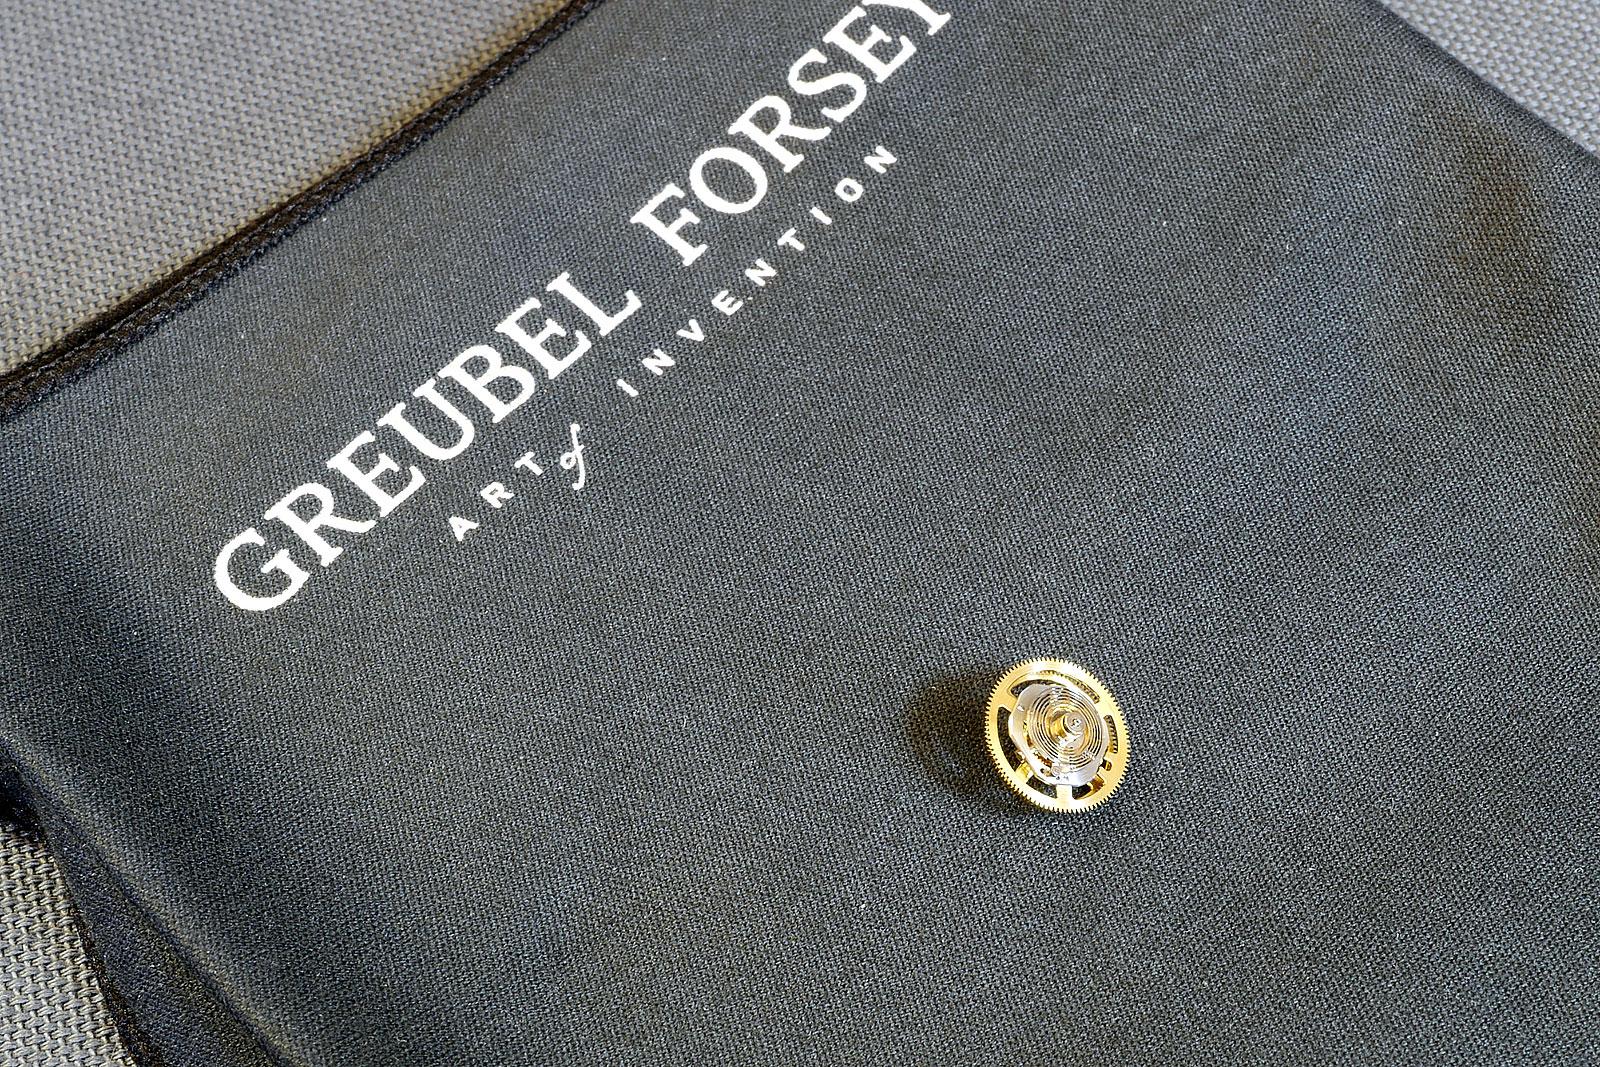 Greubel Forsey Différentiel d'Égalité 5